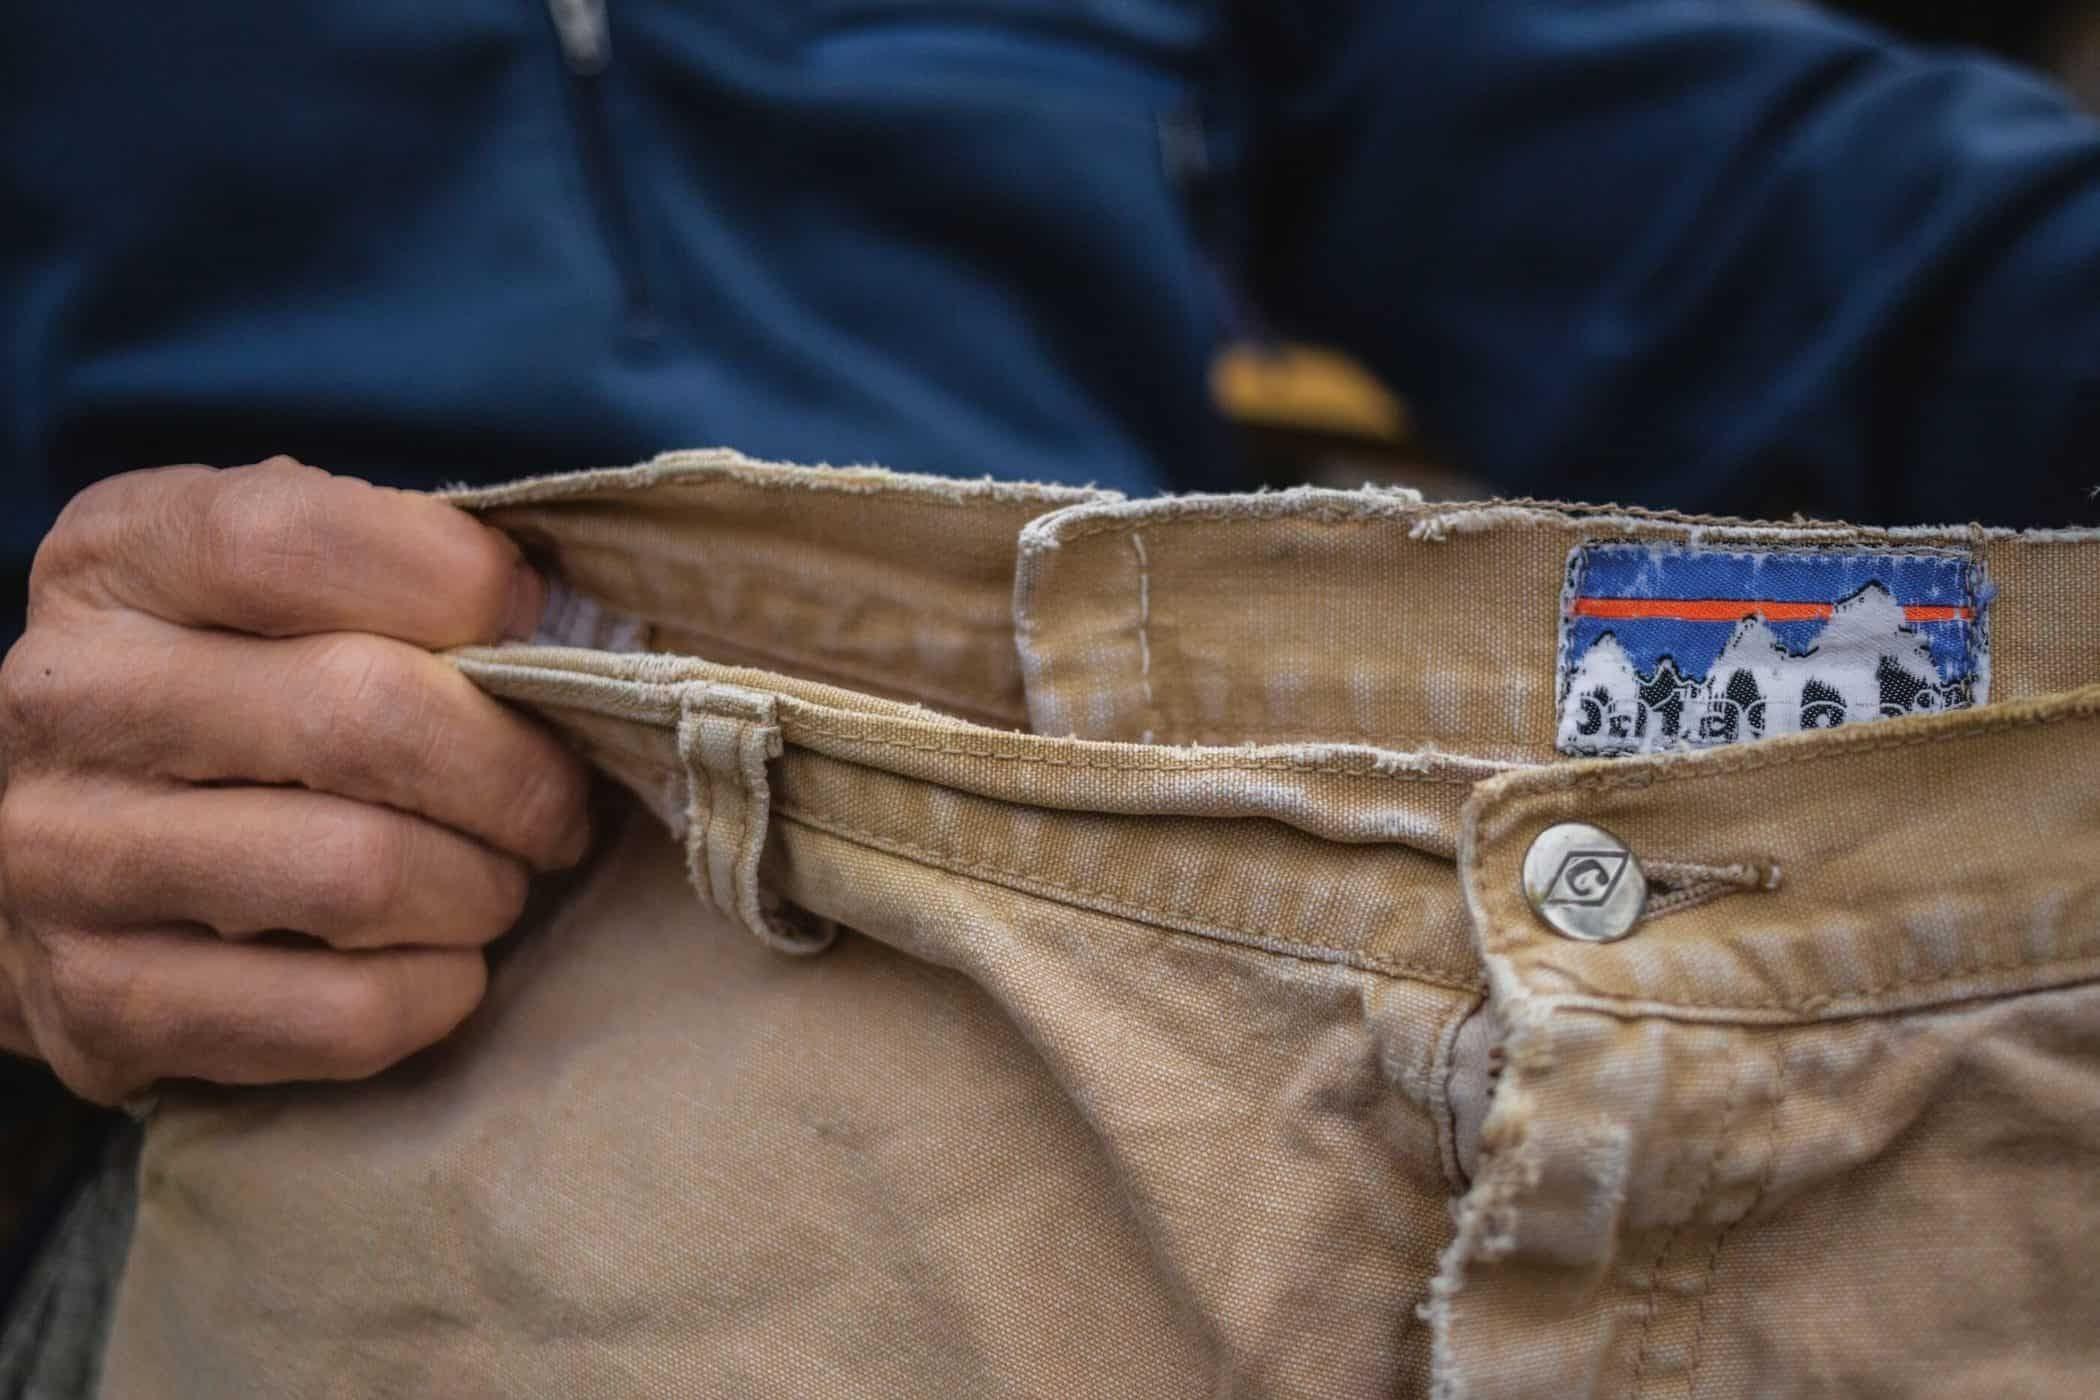 Buy Less, Demand More: L'engagement de Patagonia envers un futur responsable